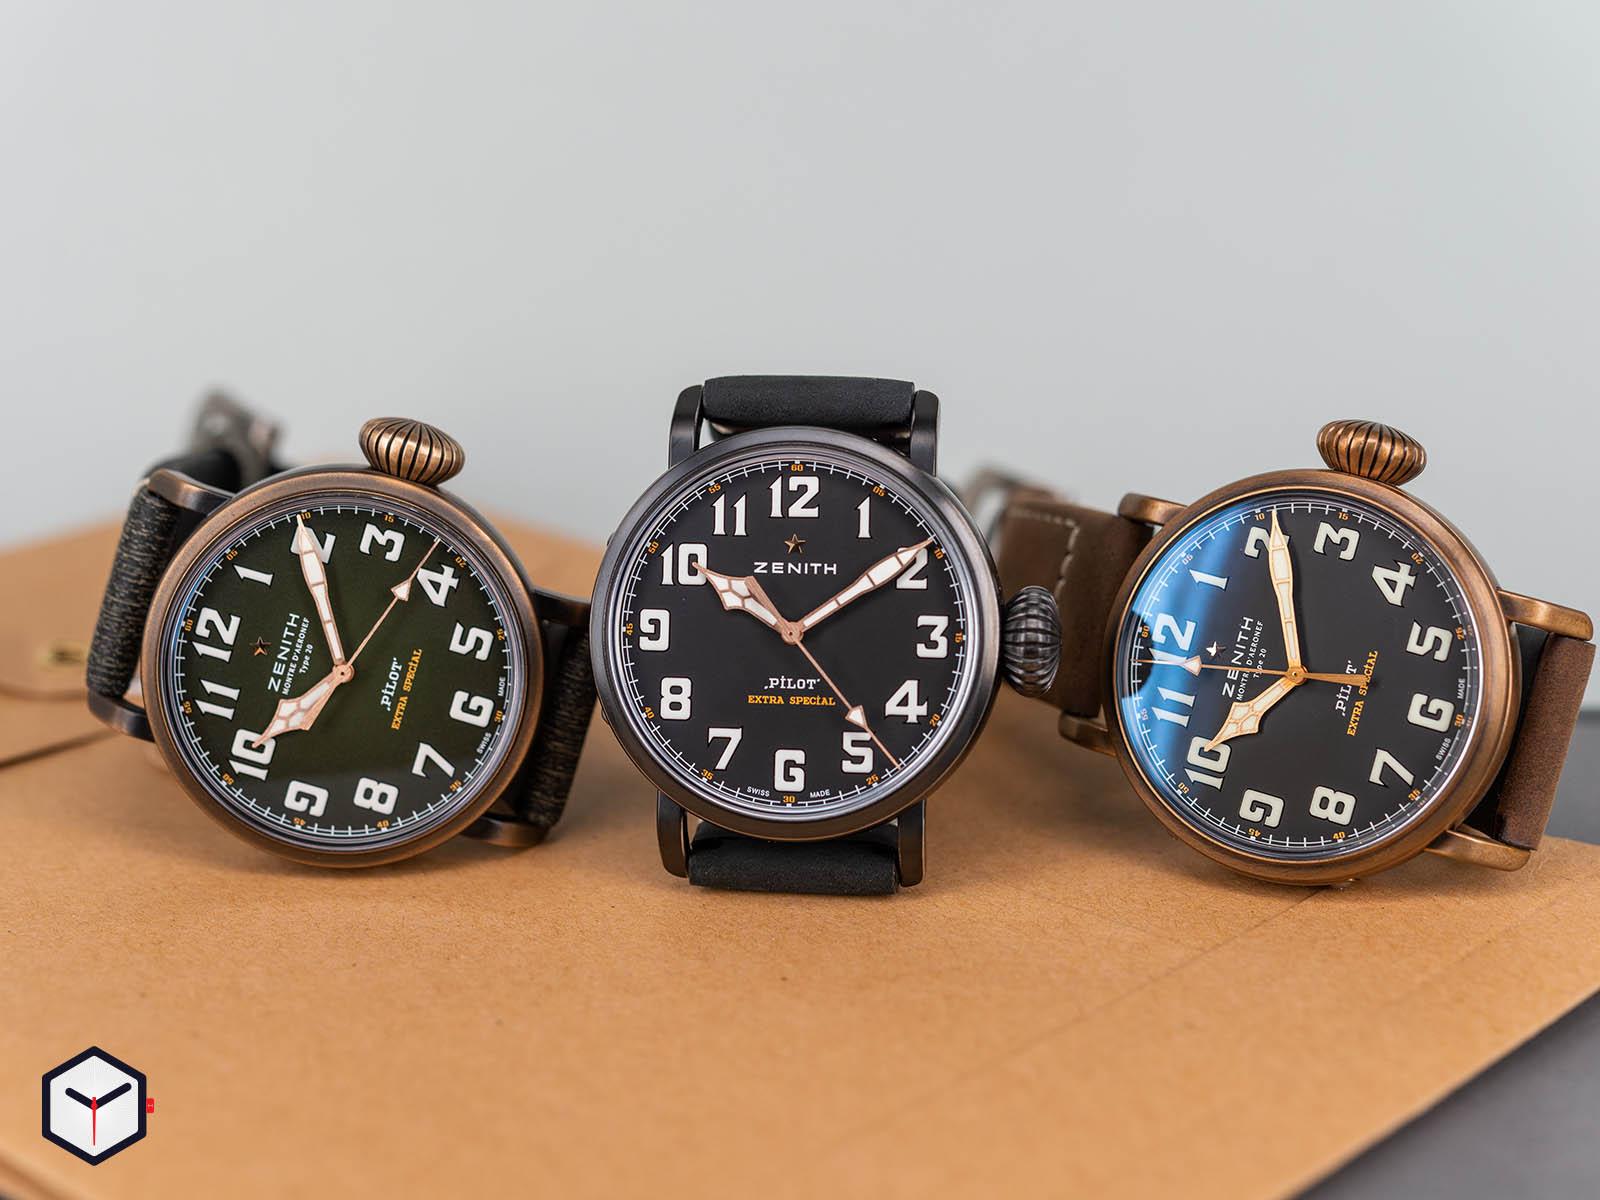 29-2430-679-21-c753-zenith-pilot-type-20-extra-special-bronze-6.jpg